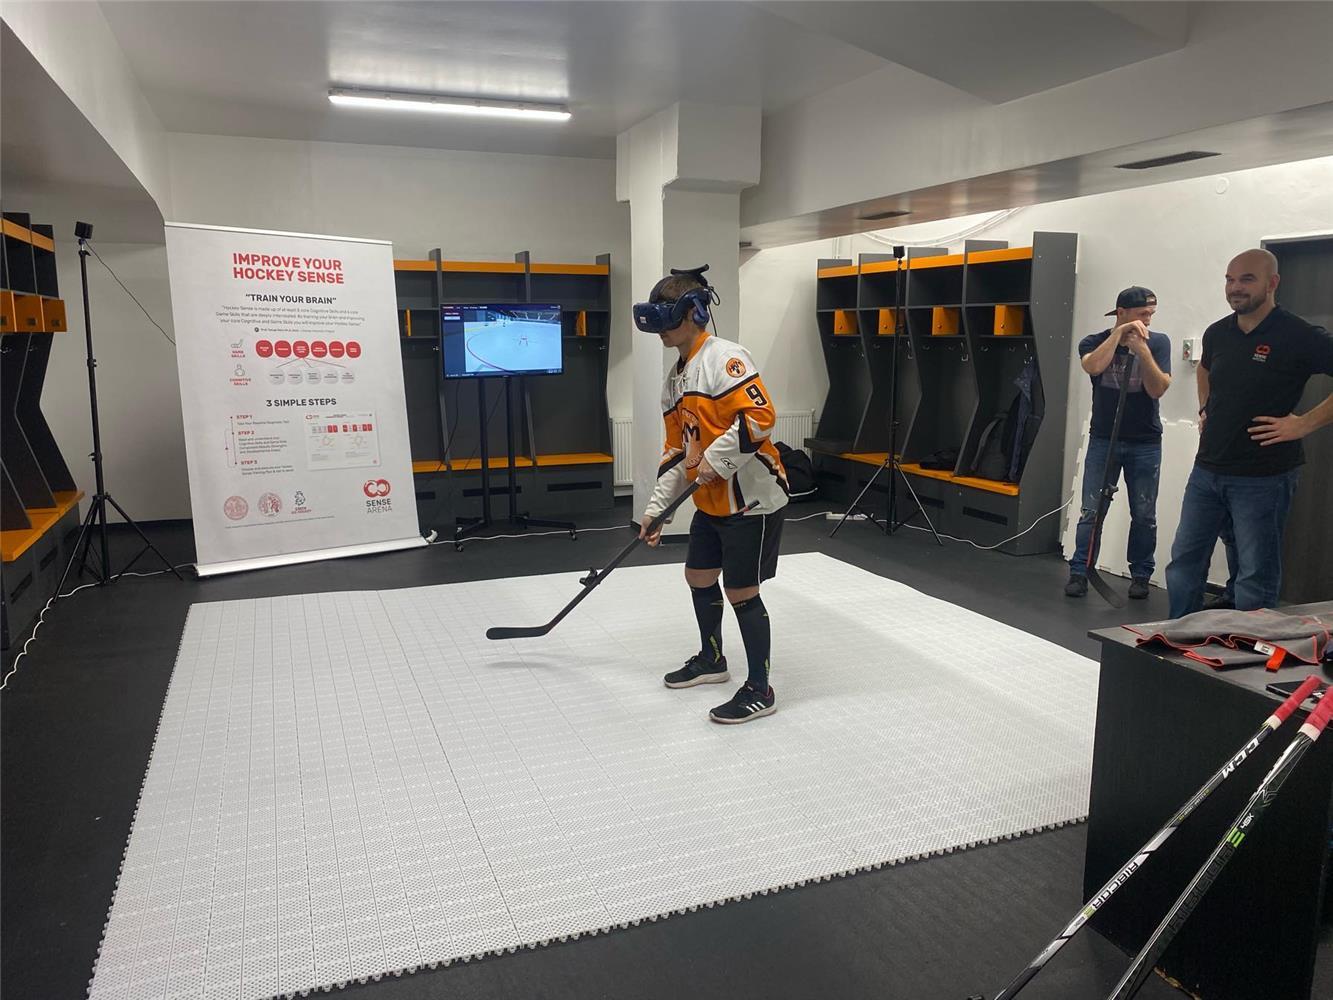 Hráči HK Mládež Michalovce trénovali hokej vo virtuálnej realite